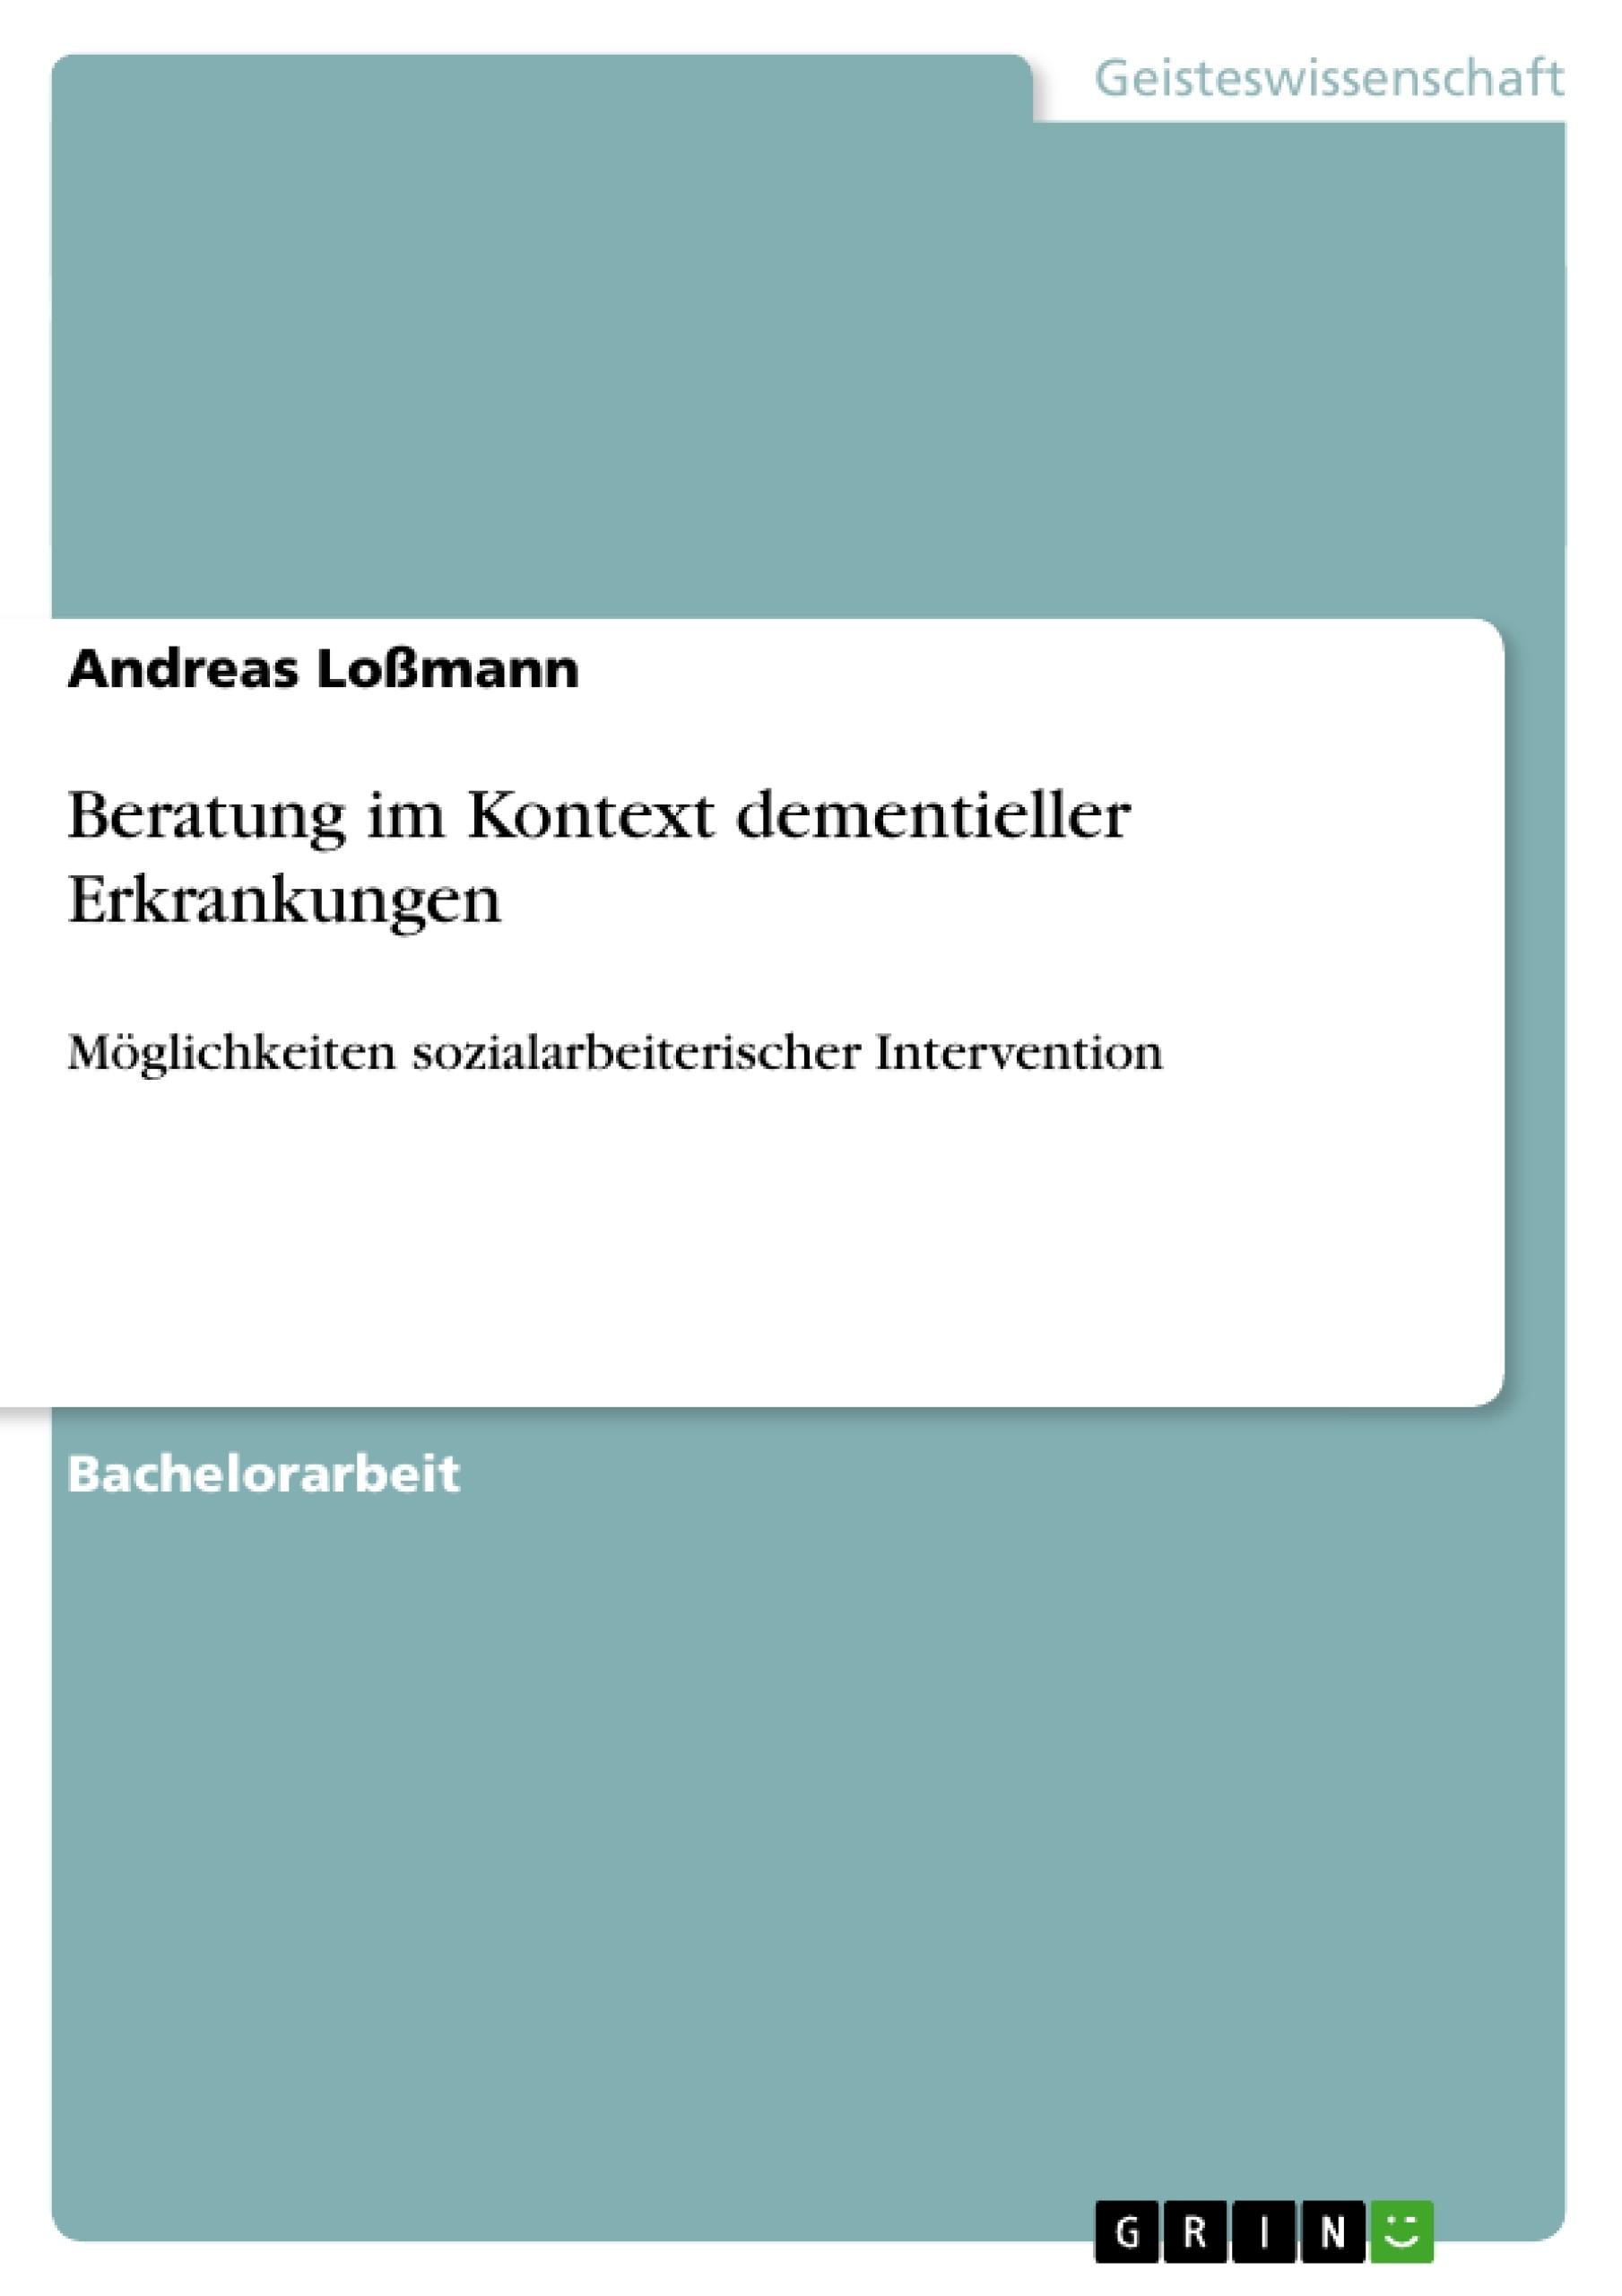 Titel: Beratung im Kontext dementieller Erkrankungen